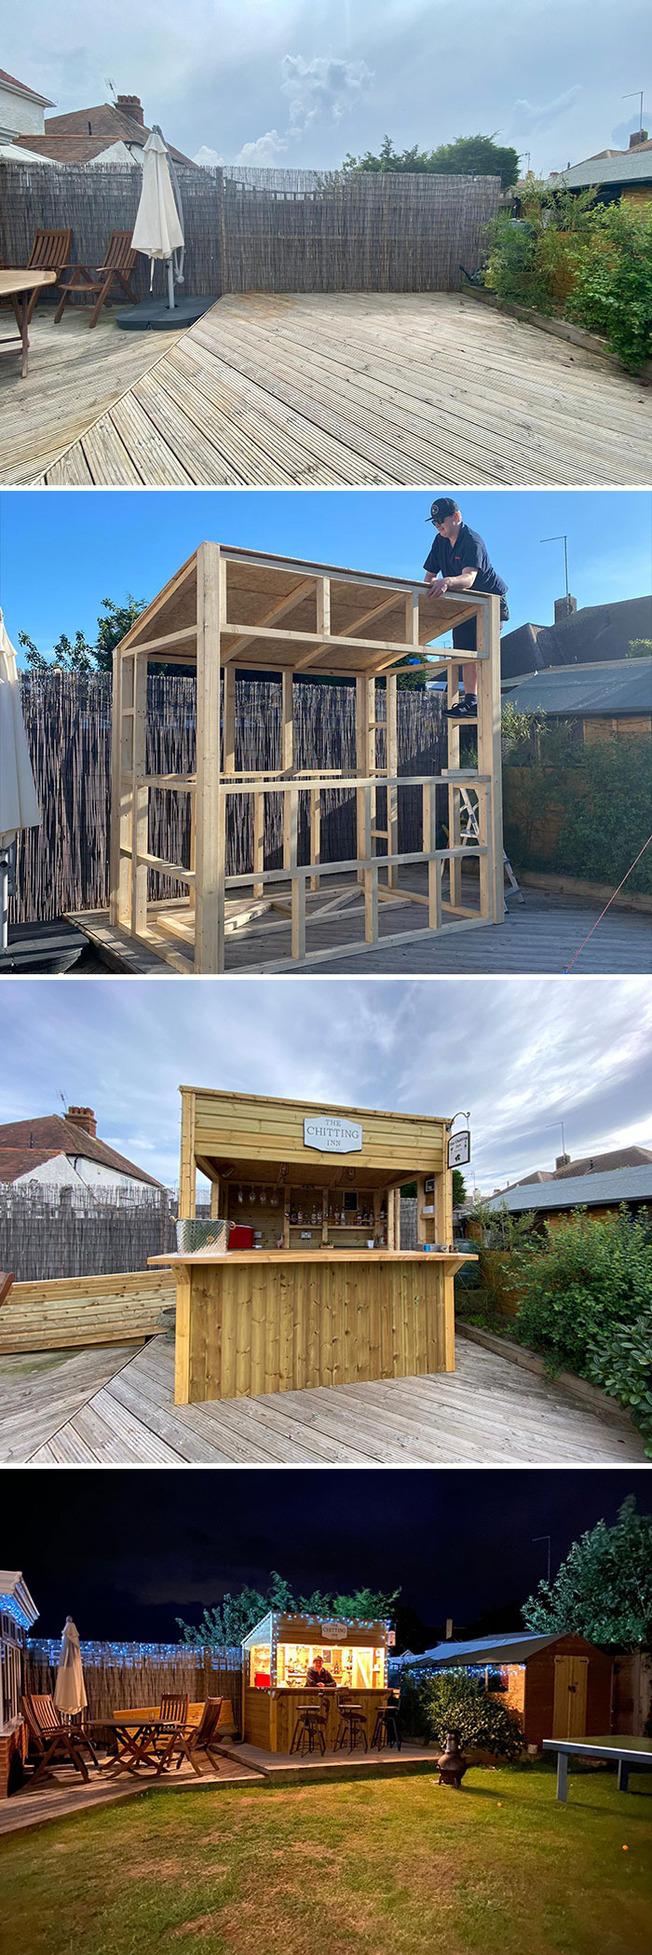 quarantine-covid-backyard-projects-308-6110f93a74911__700